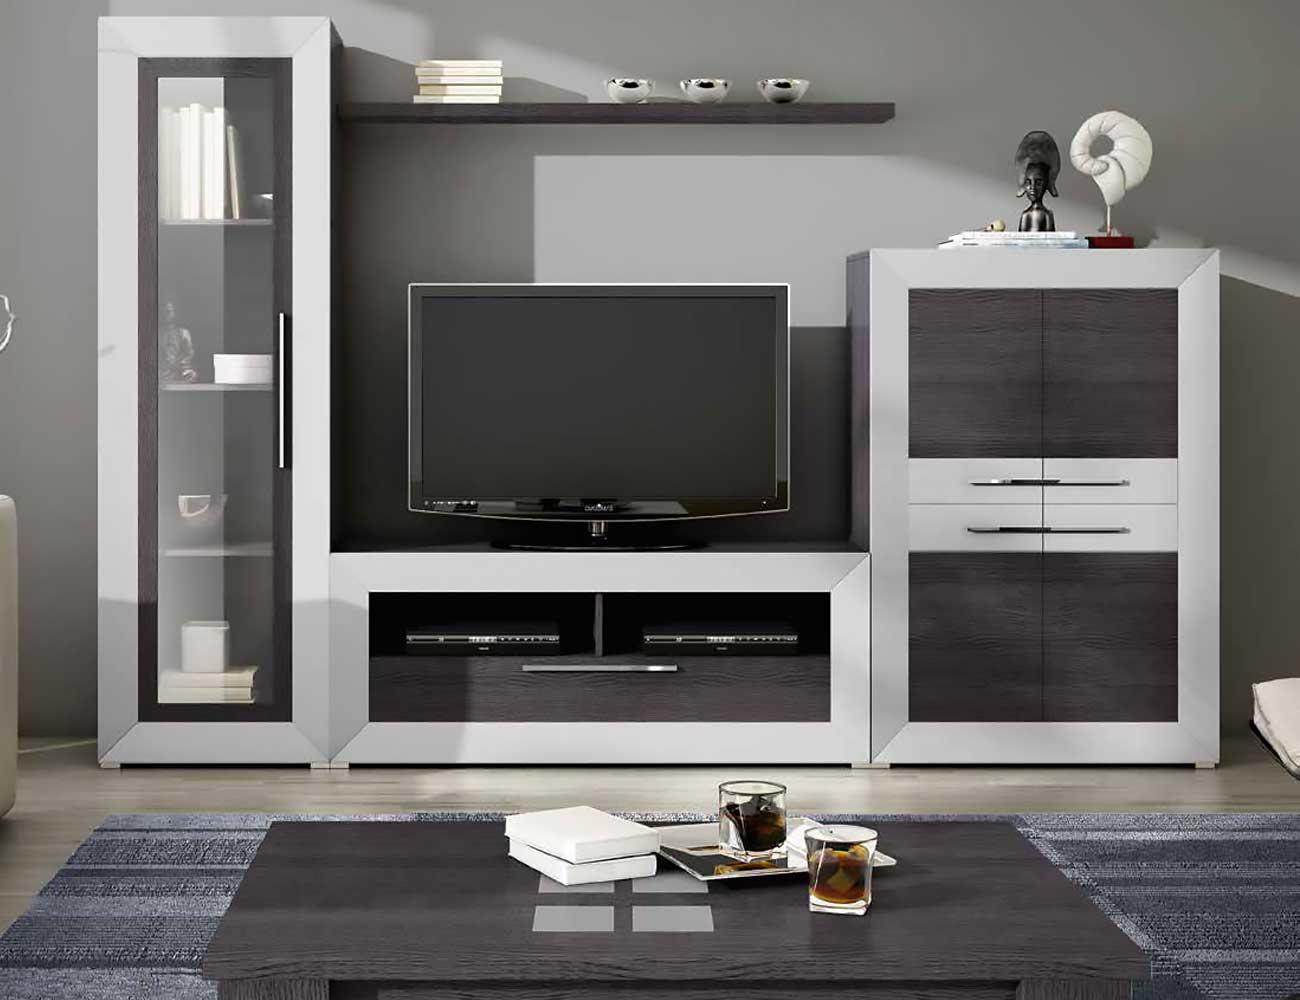 Mueble de sal n moderno en ceniza con plata 2434 for Salones de madera modernos